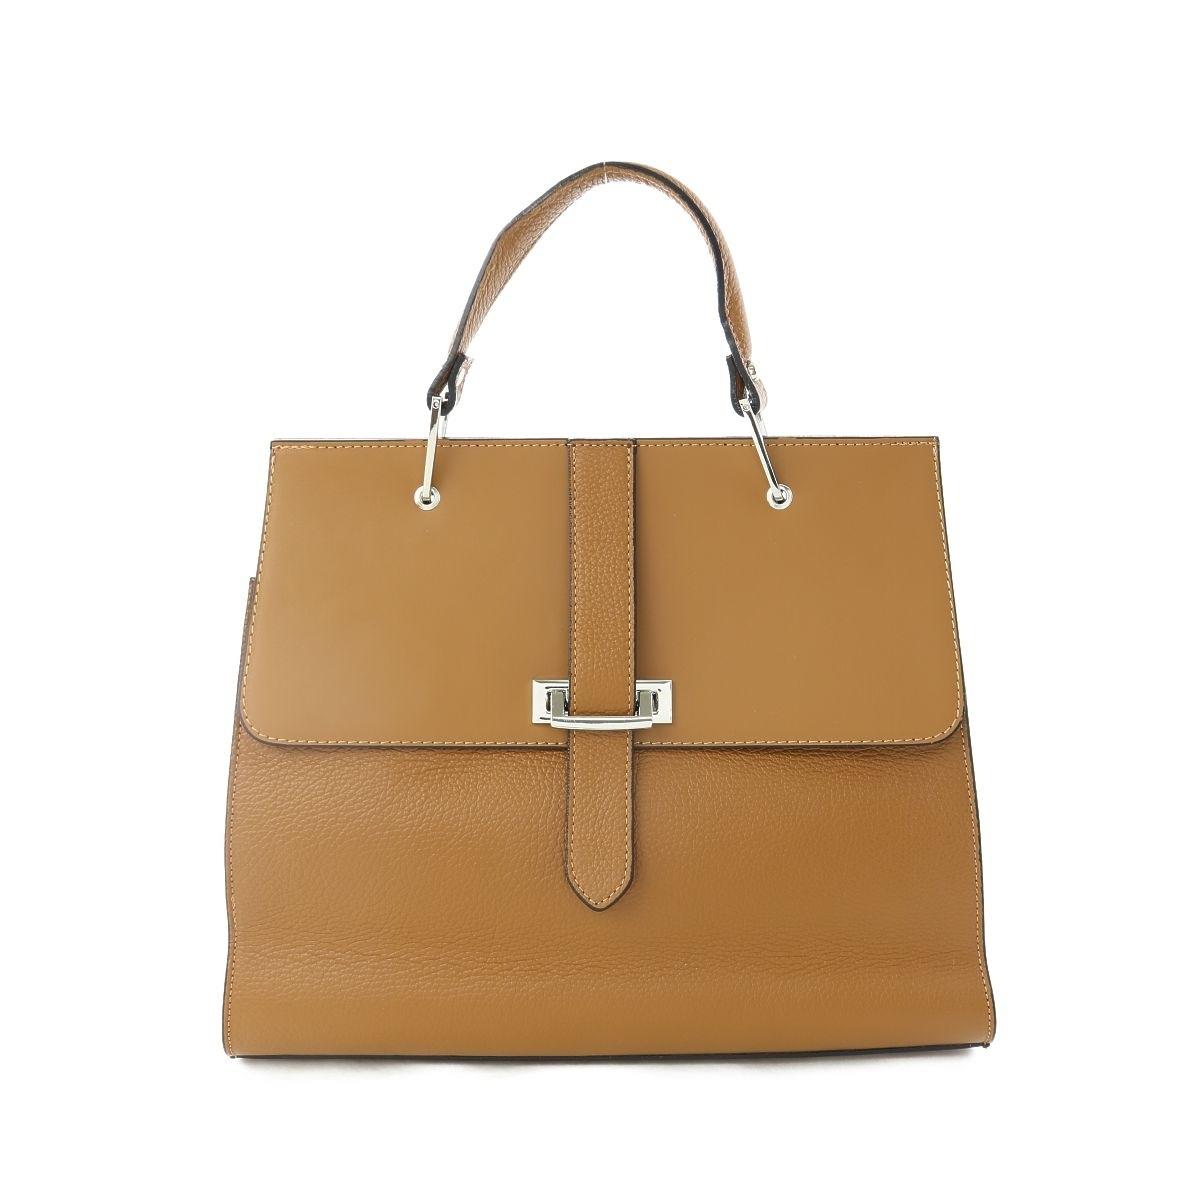 LUSY Leather Handbags(ルーシーレザーハンドバッグ) ハンドバッグ ONESIZE新品未使用■ ブラウン系 ハンドバッグ 本革【中古】